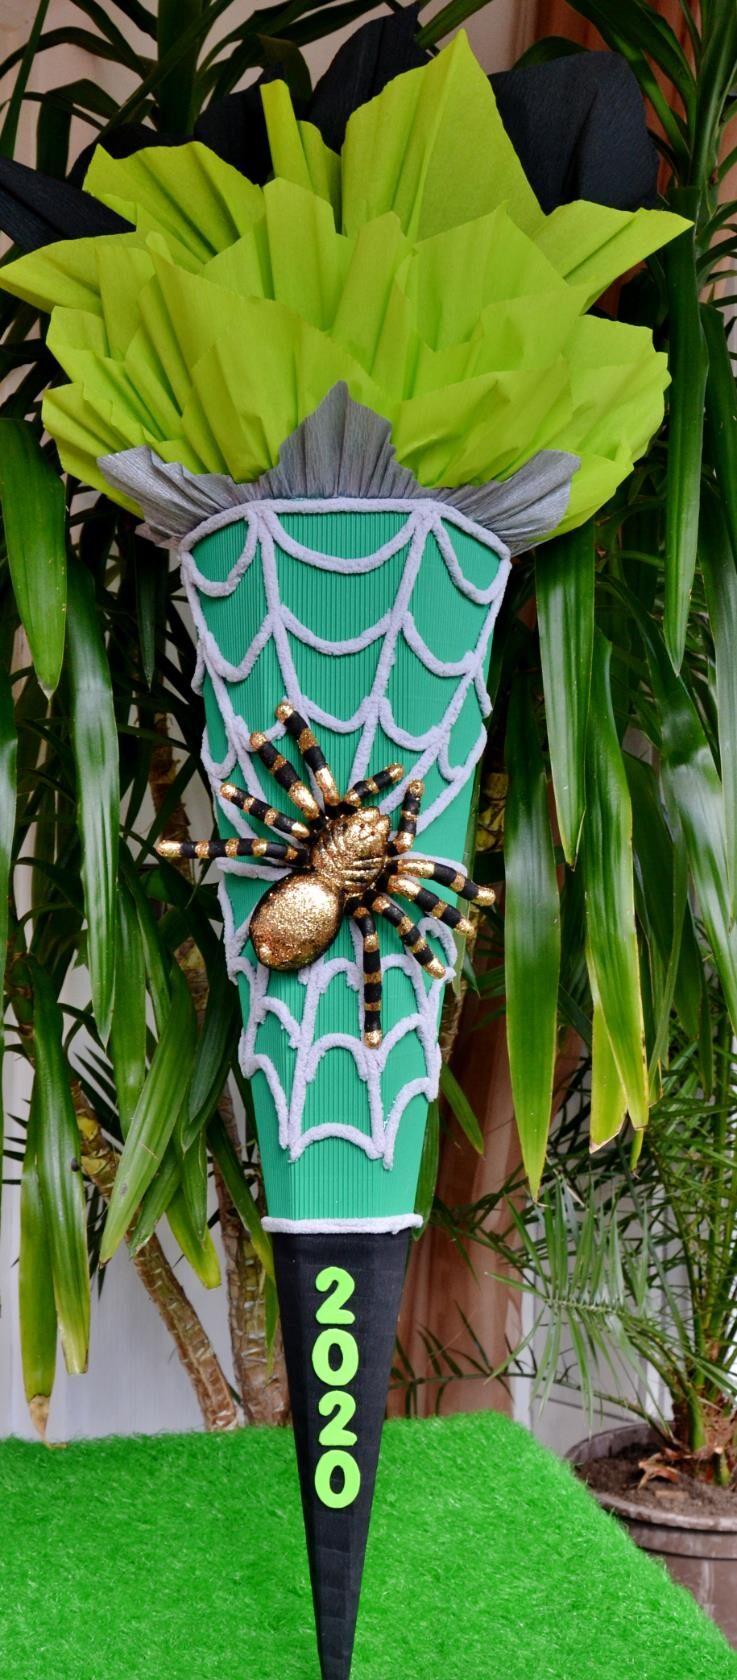 -  Handgemachte  Schultüte Zuckertüte Spinne für Jungs Spider  -  Handgemachte  Schultüte Zuckertüte Spinne für Jungs Spider